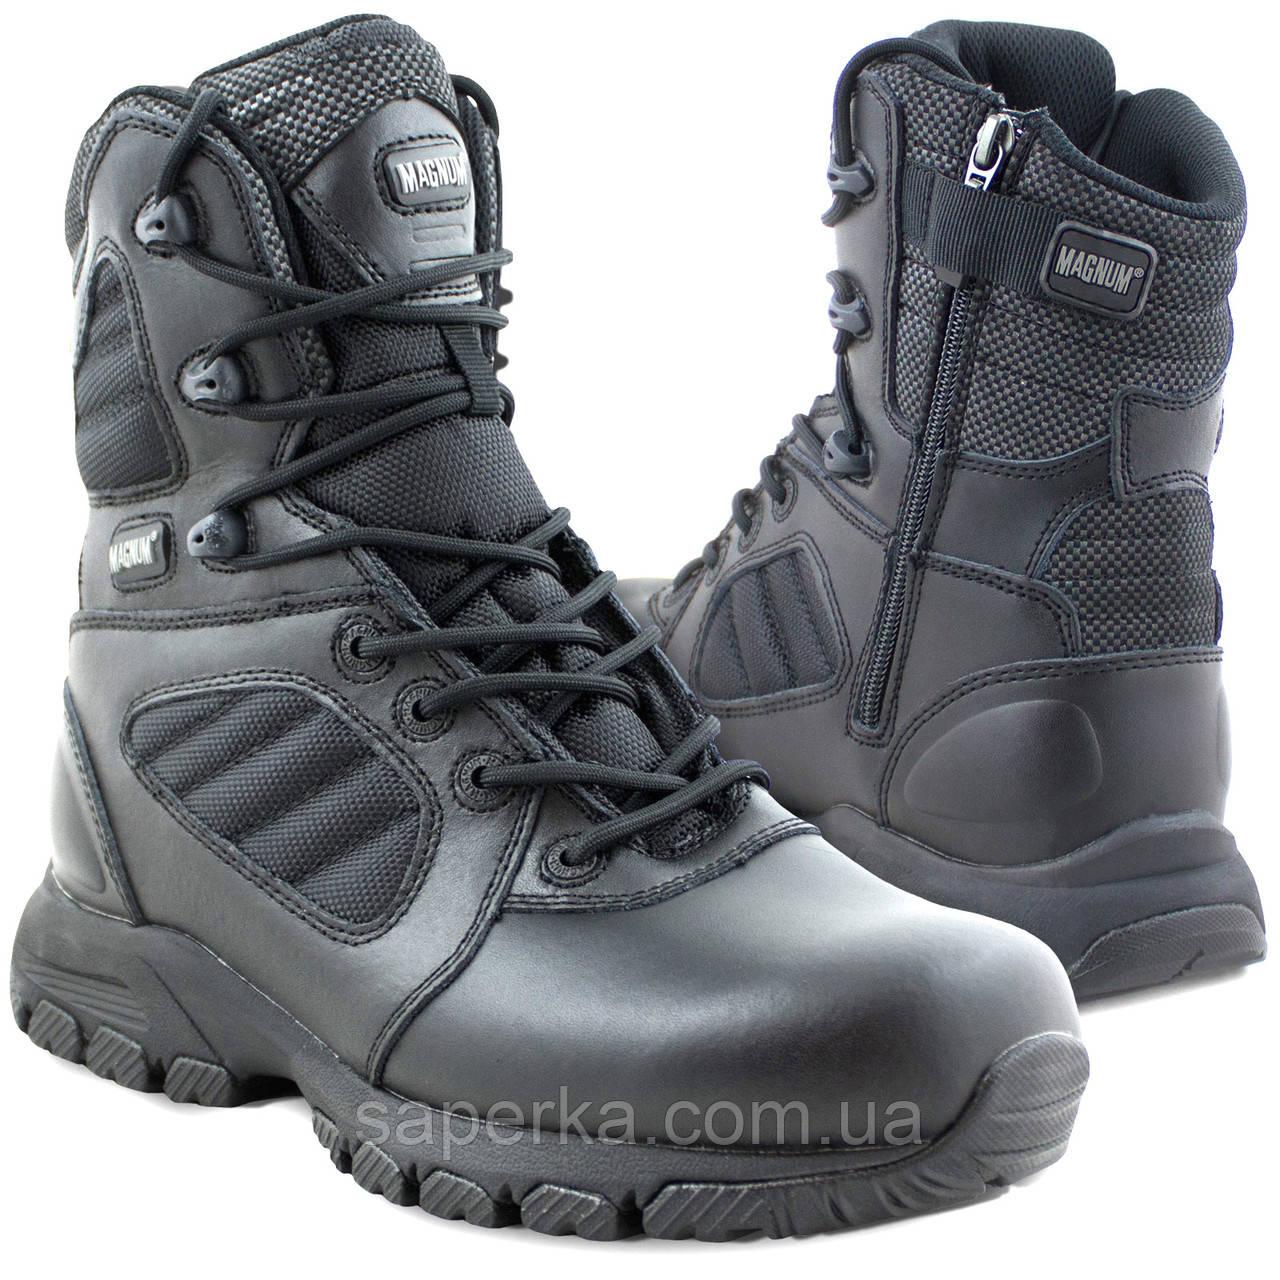 Ботинки демисезонные Magnum Lynx 8.0 Black